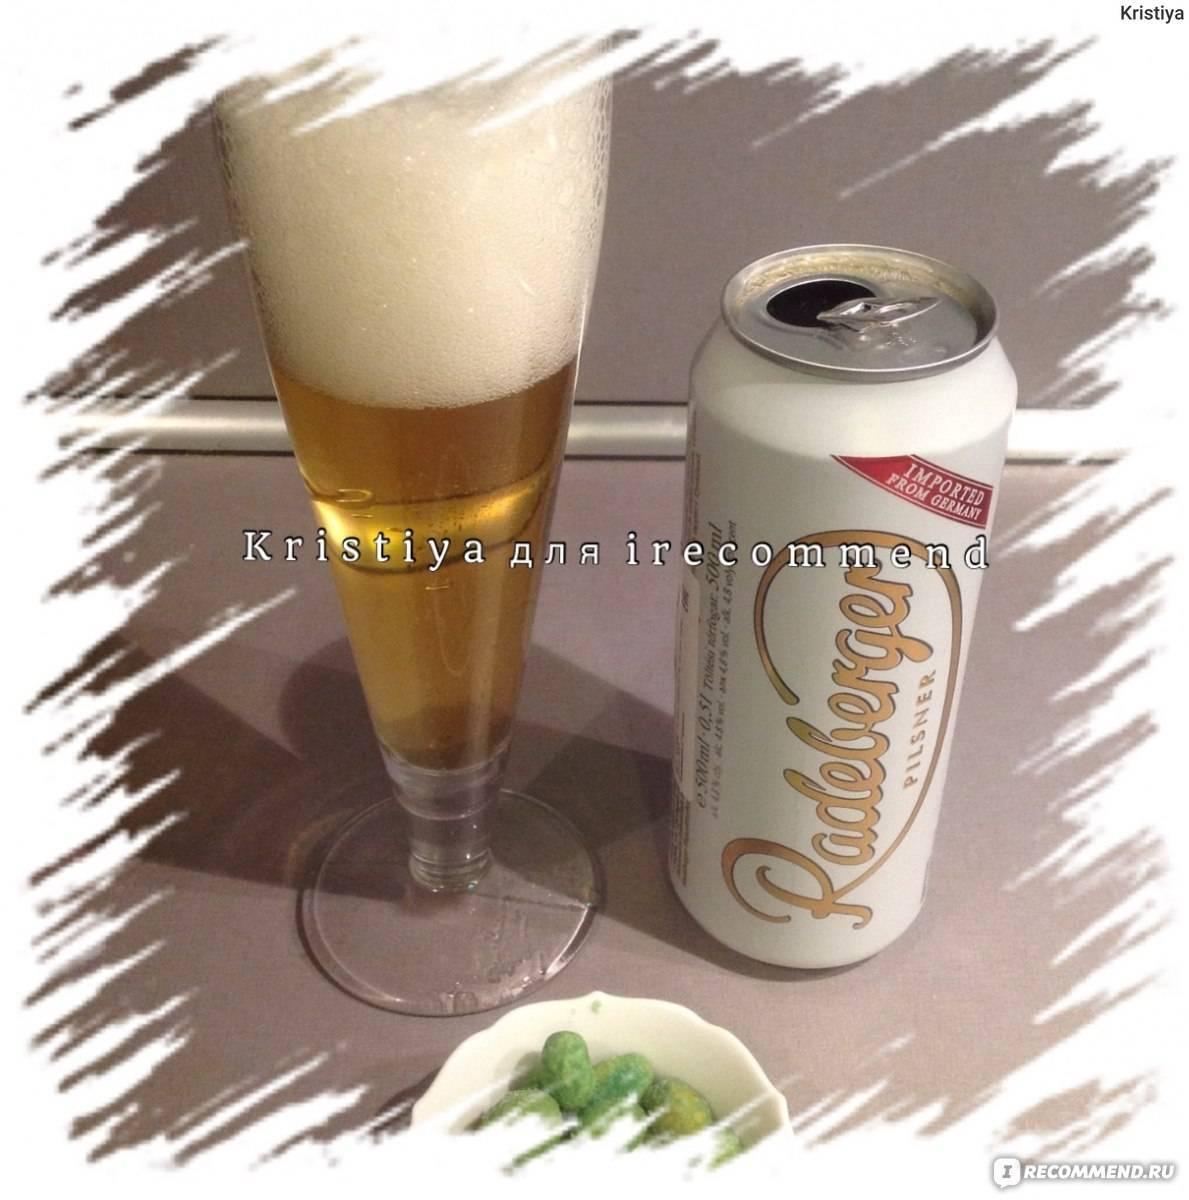 Любимое пиво путина - radeberger радебергер